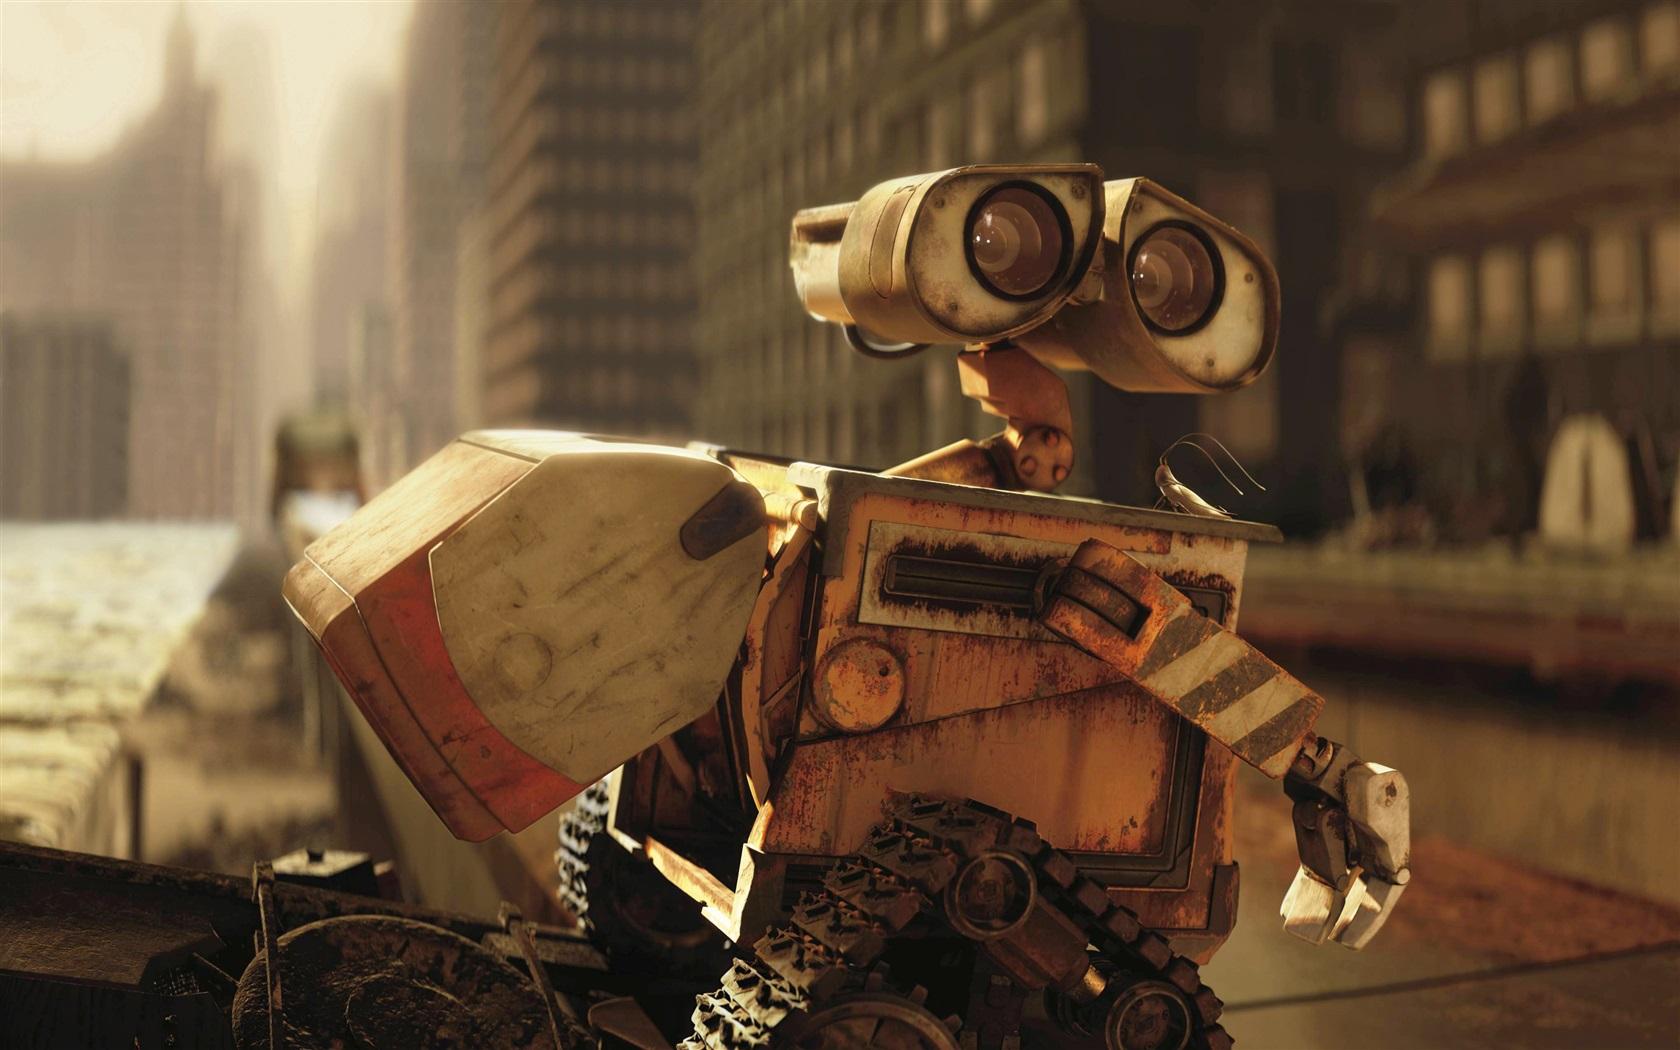 瓦力机器人,经典电影 壁纸 - 1680x1050